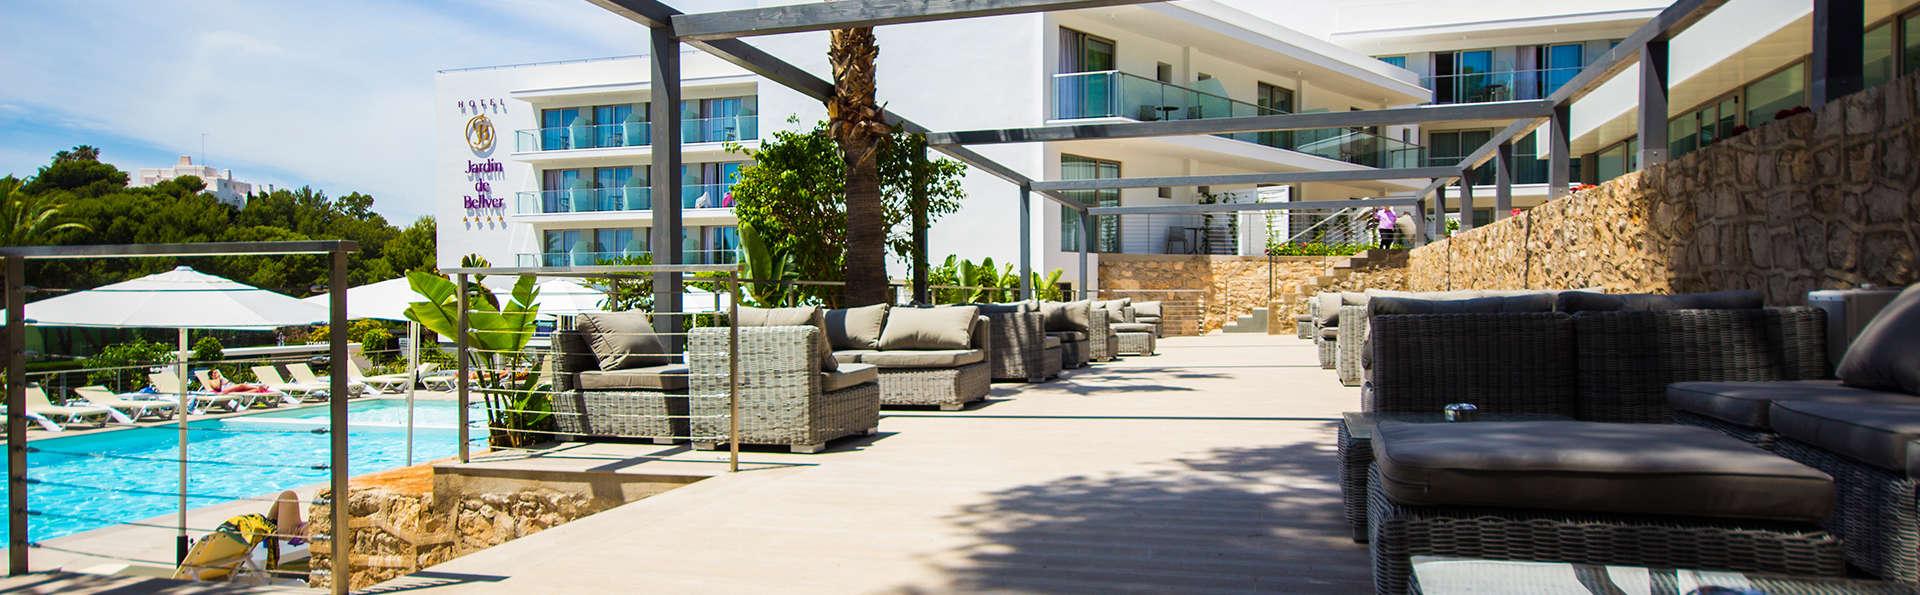 Hotel jard n de bellver 4 oropesa del mar espa a - Hotel jardin bellver ...